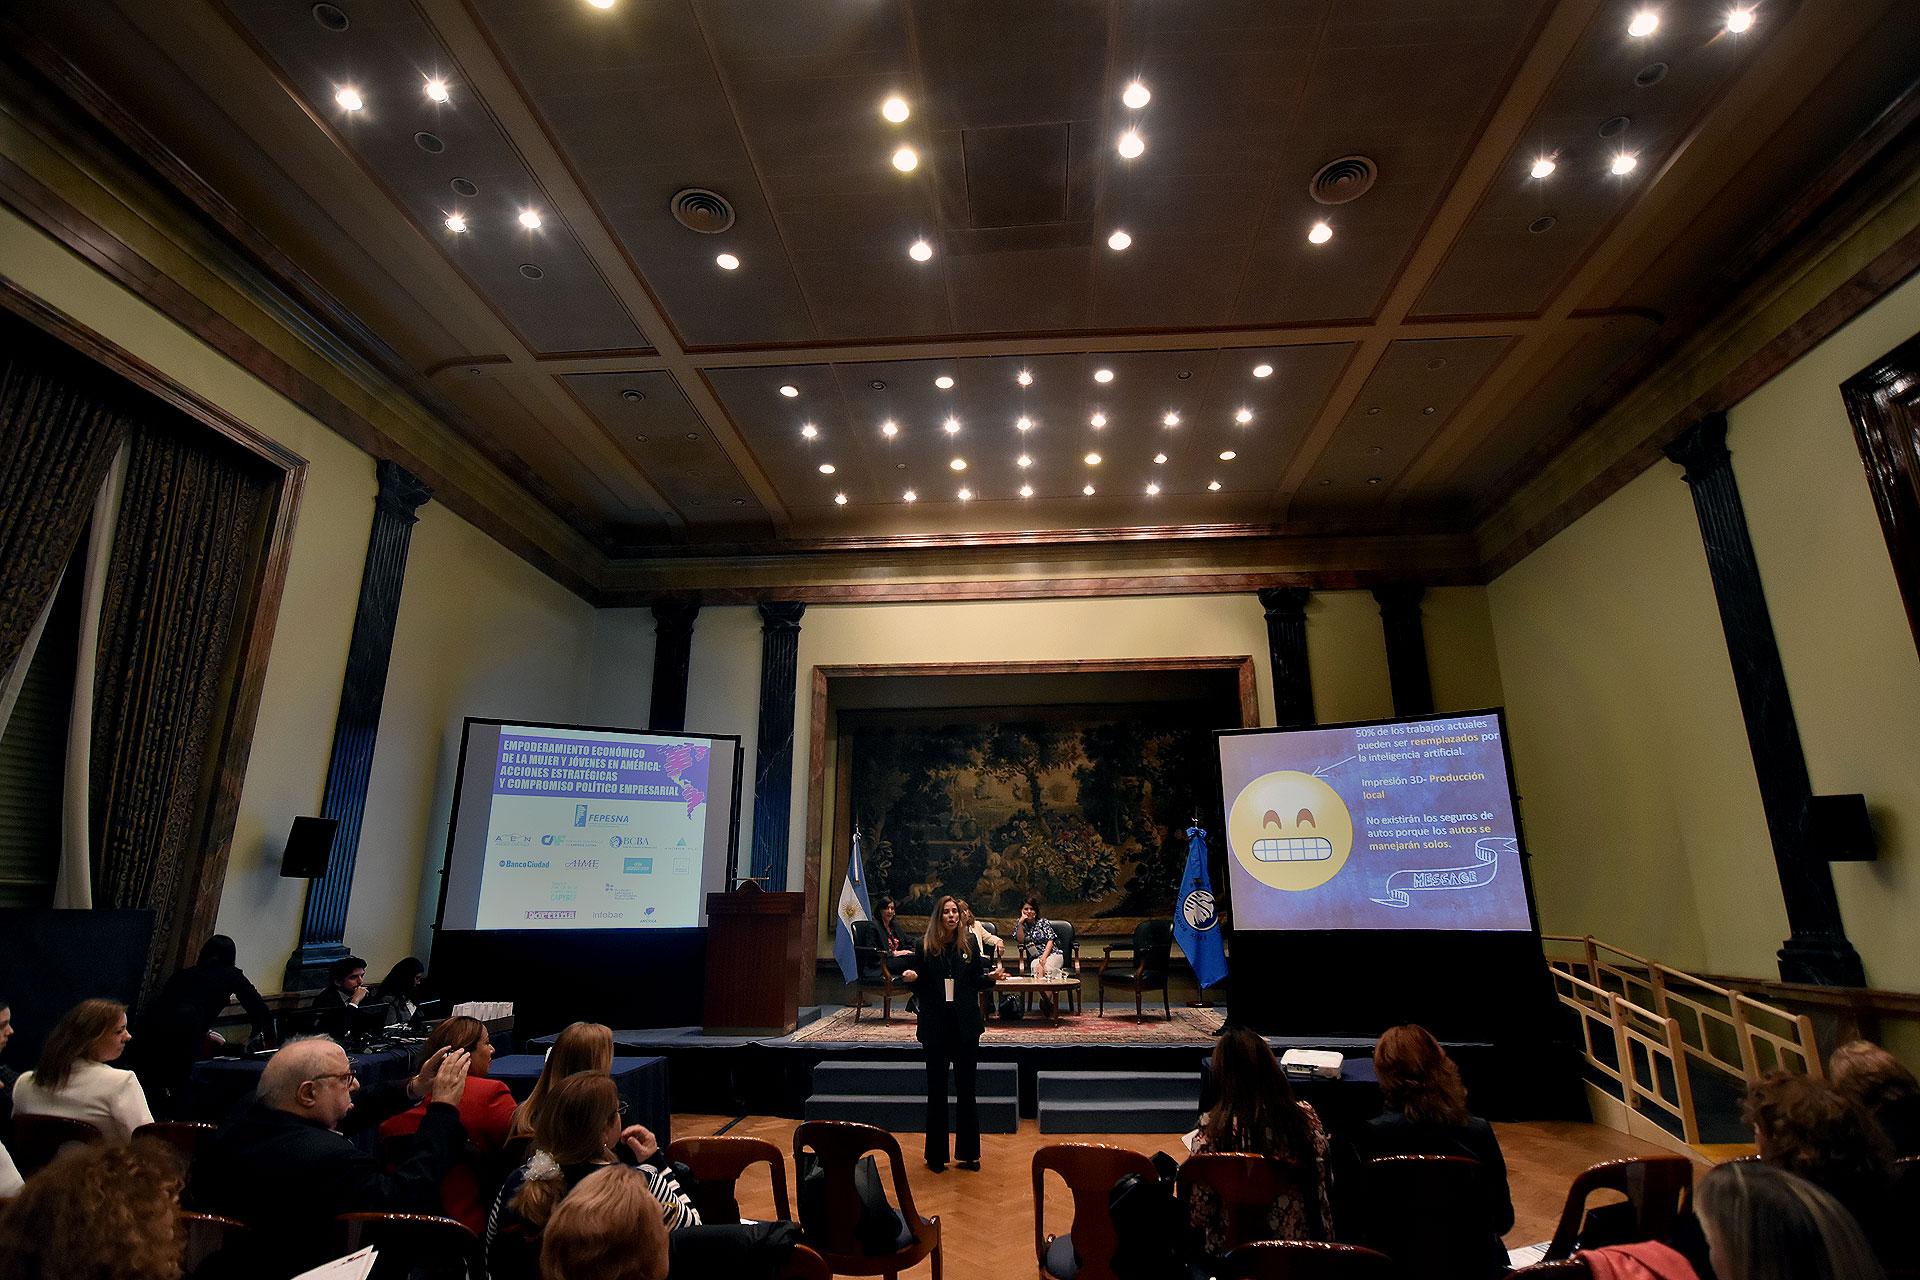 Equidad, integración, networking, género y empredurismo fueron algunos de los tópicos del seminario internacional (Nicolás Stulberg)